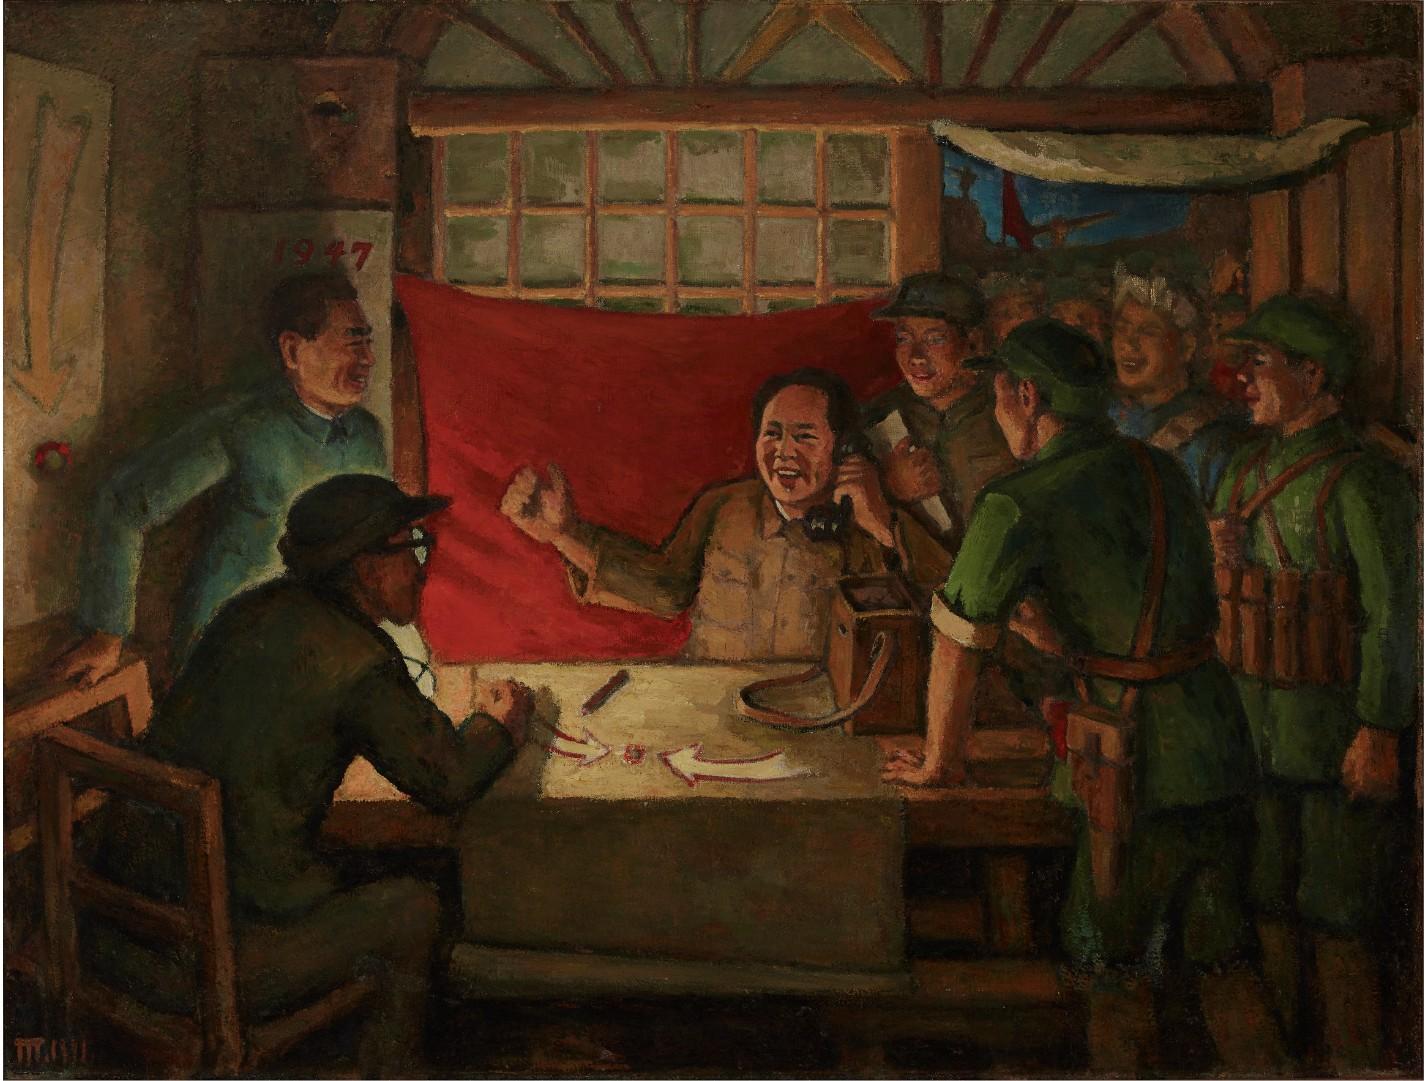 30《转折前夕》,胡一川,1977年,广州,布面油画,131cm×170cm,胡一川研究所藏.jpg